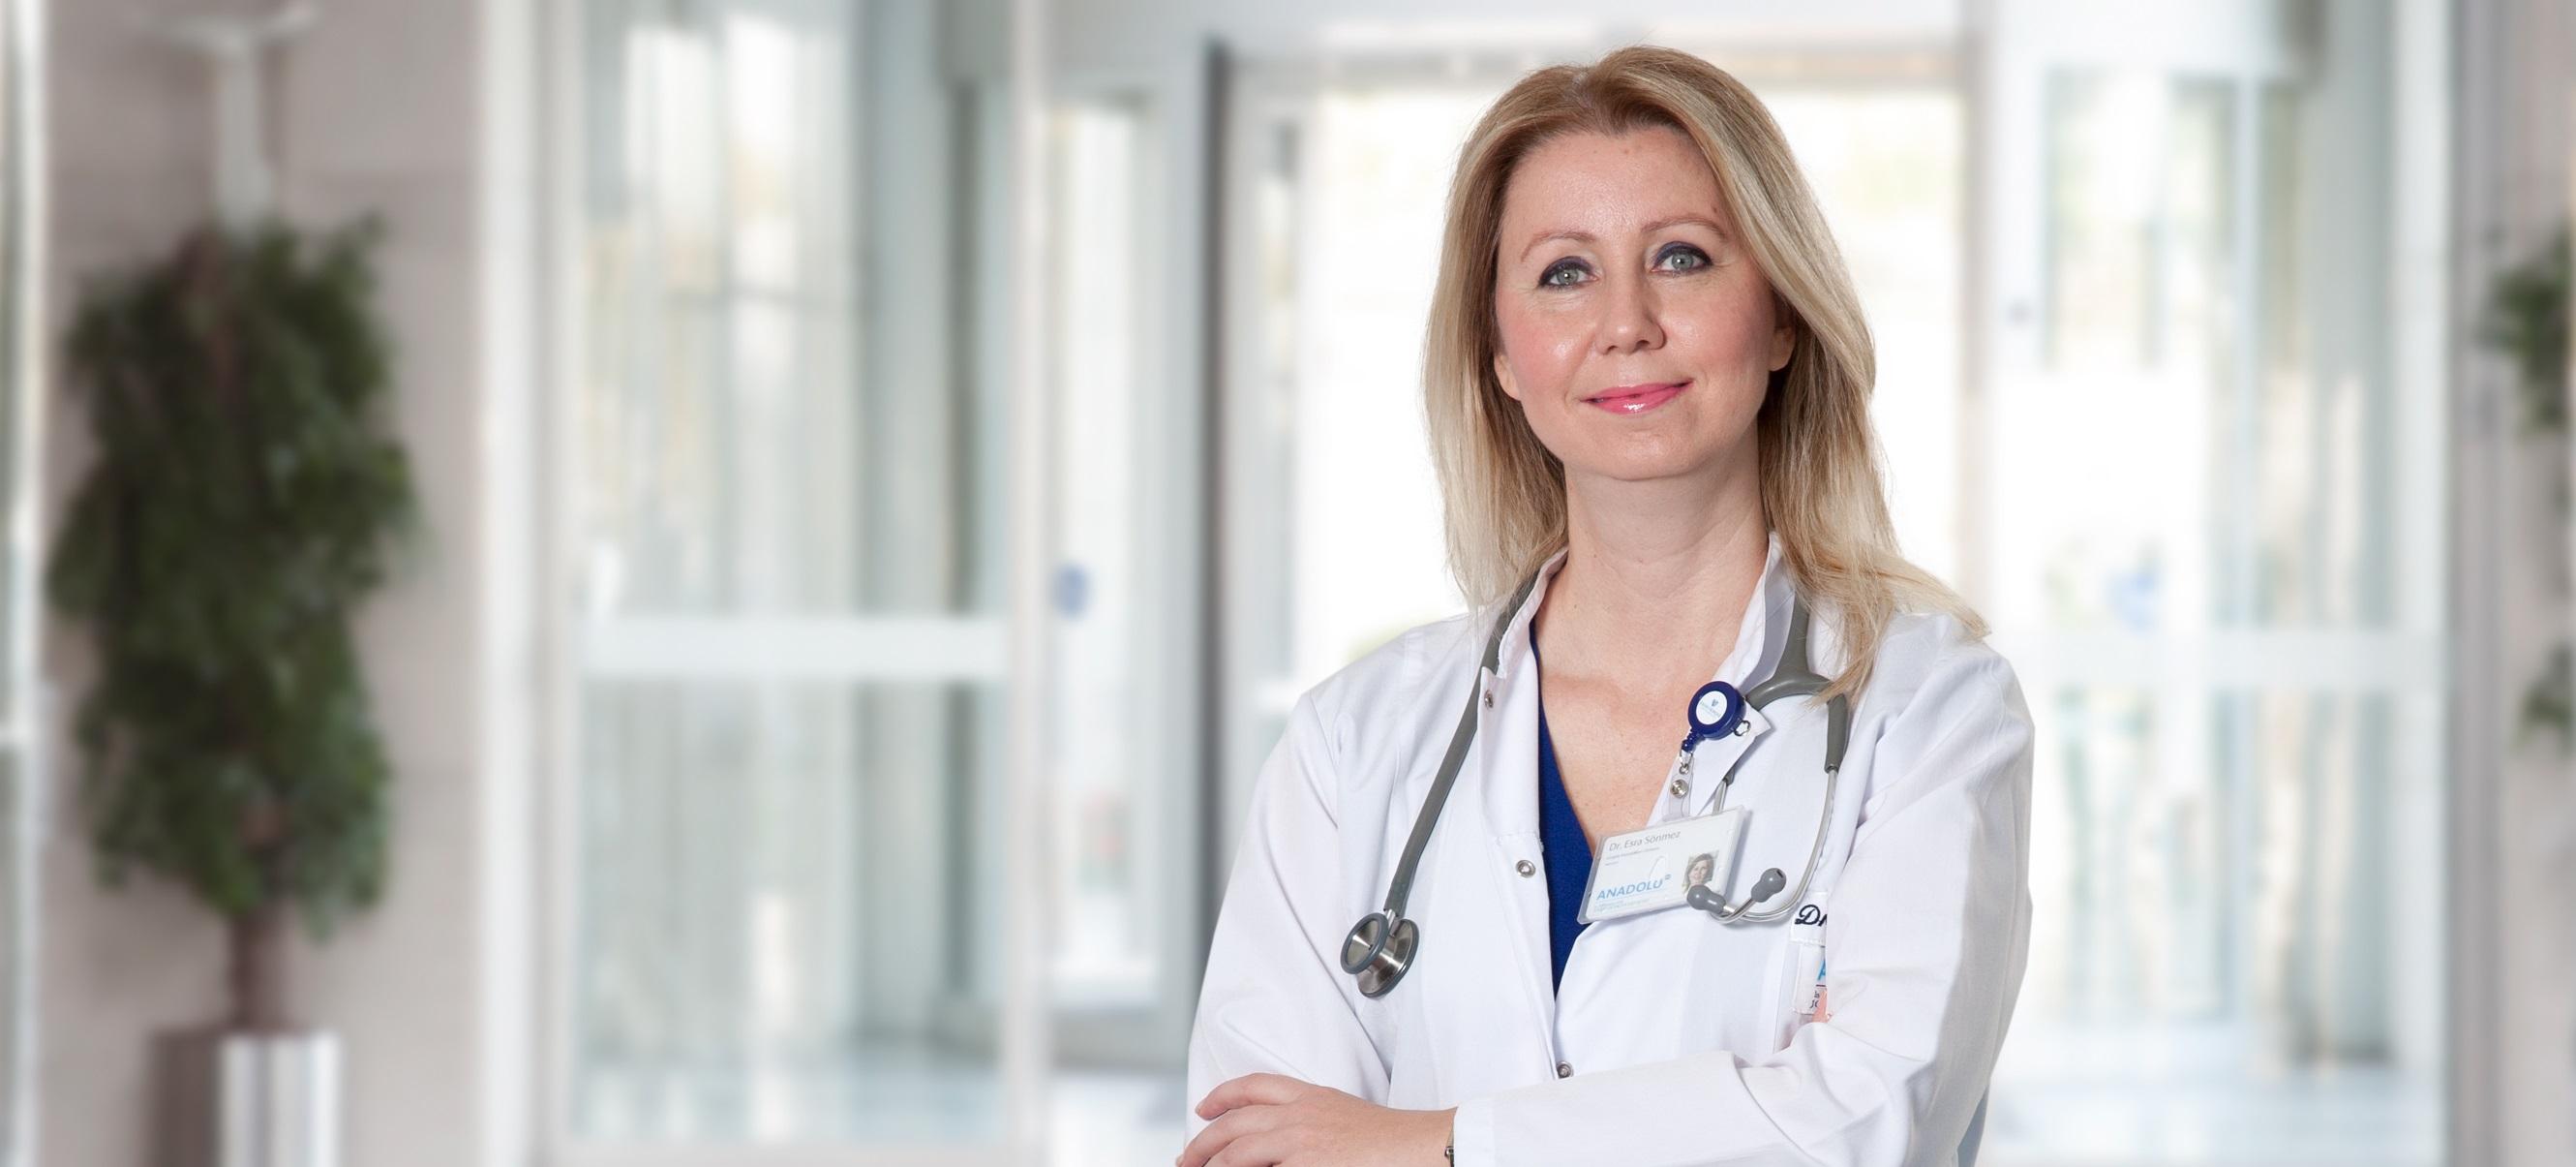 Эсра Сонмез Думан — квалифицированная помощь в медицинском центре Anadolu